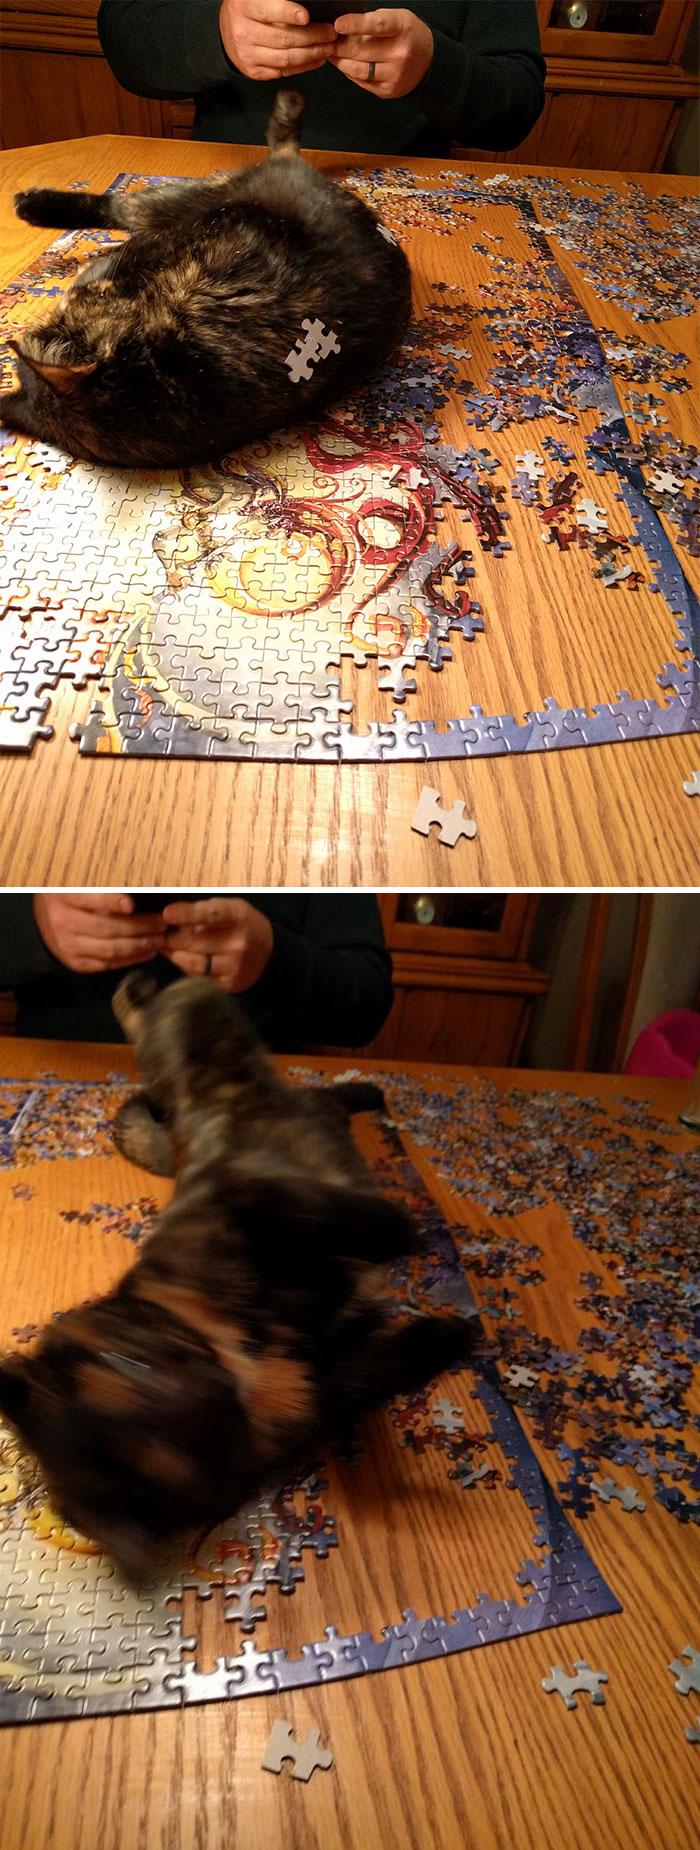 Puzzle Blocked